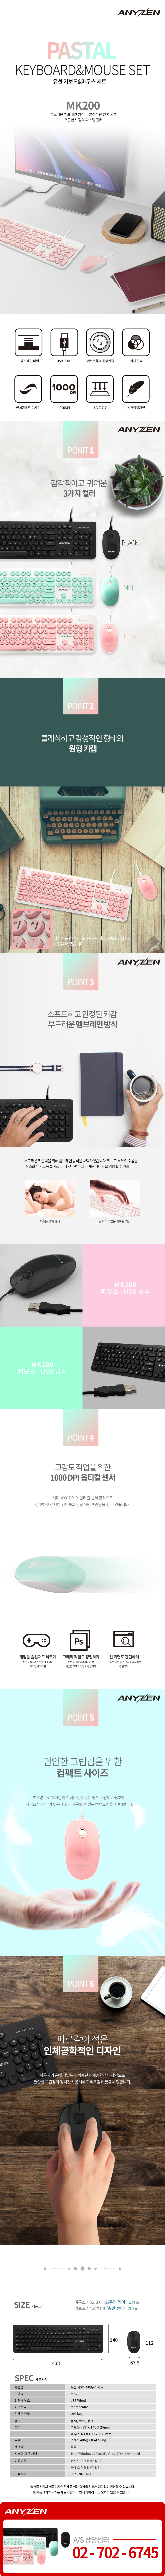 ANYZEN MK200 유선 키보드 마우스 세트 (블랙)